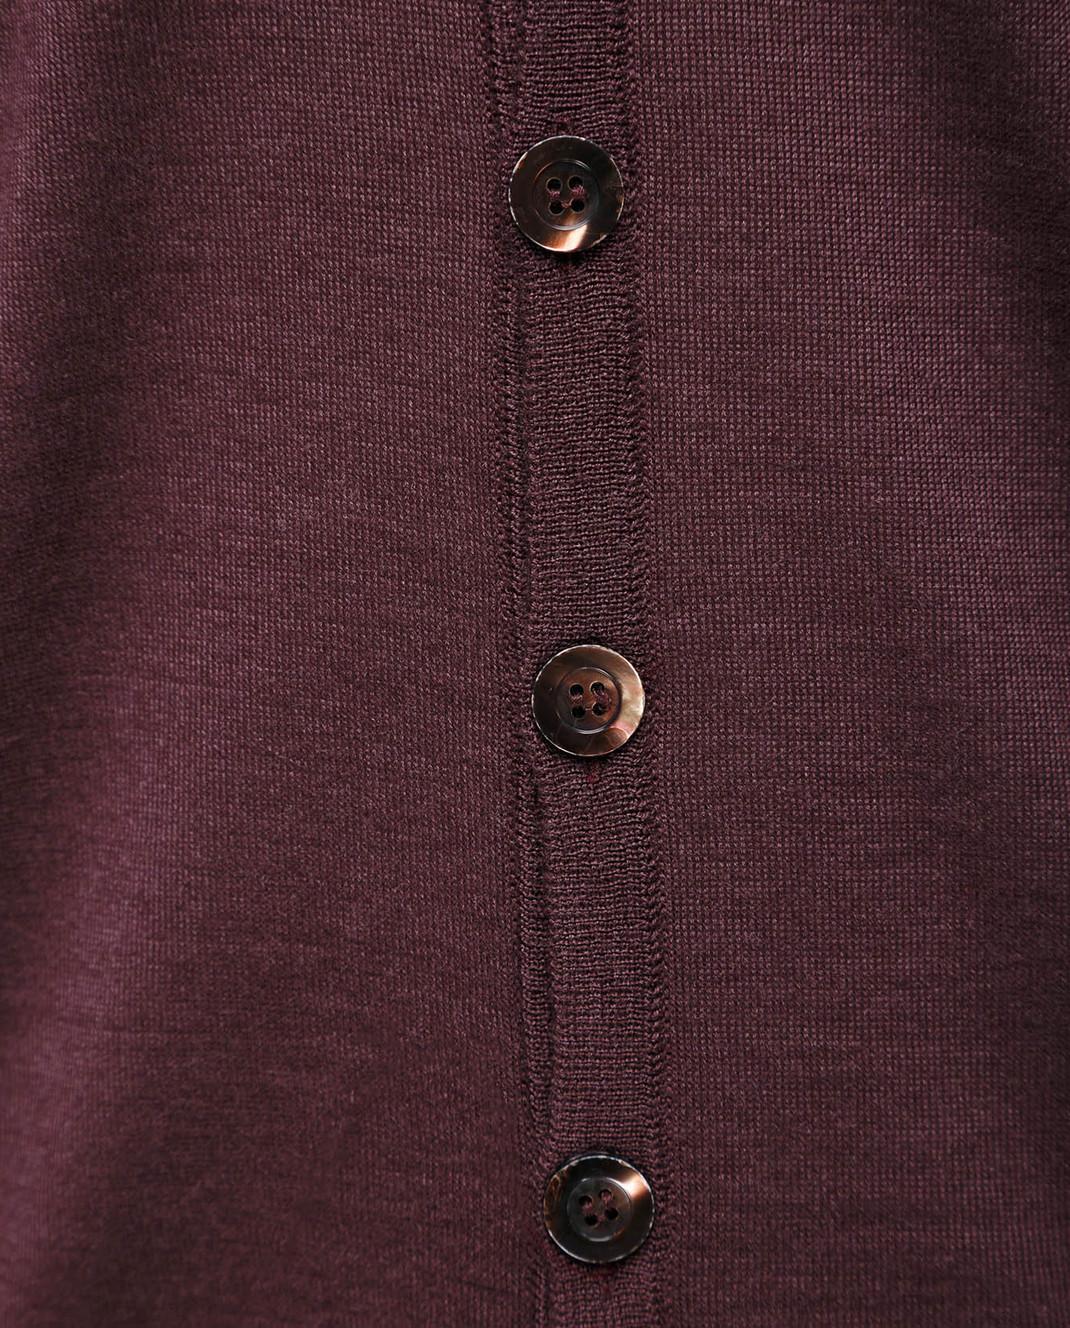 Ones Бордовый кардиган из кашемира и шелка T052 изображение 5